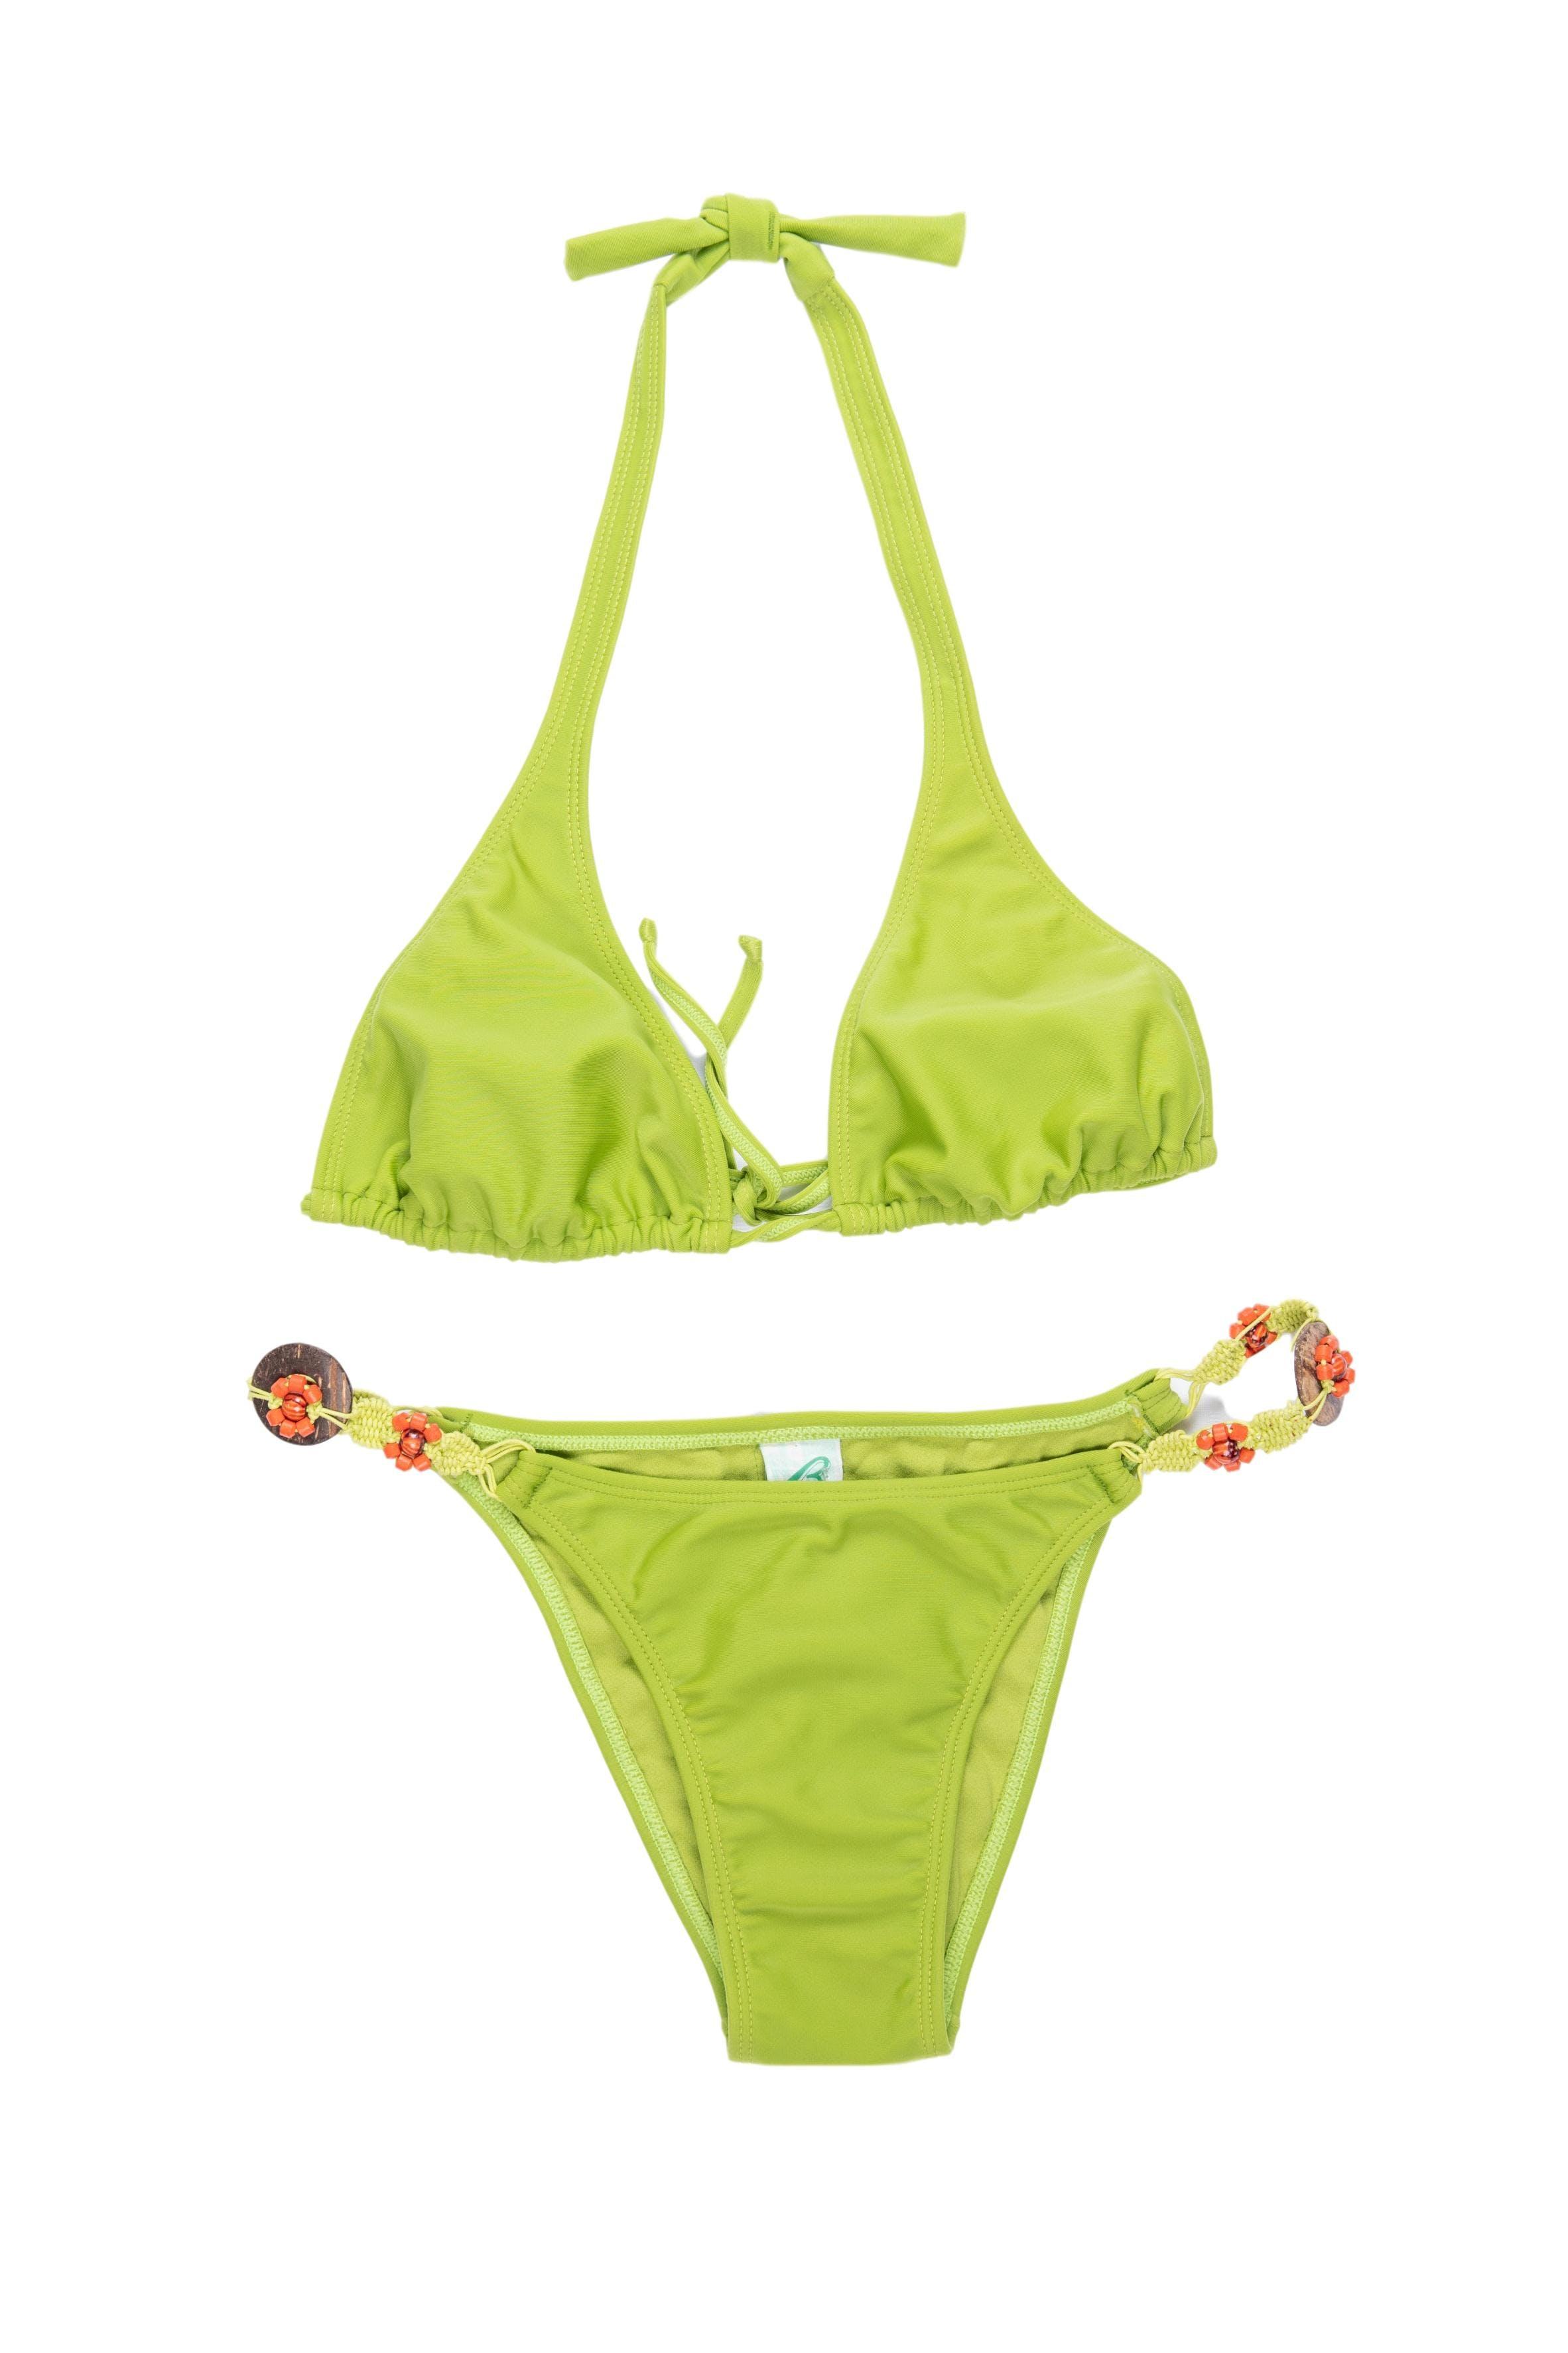 Bikini verde Bambu con tejido y cuentas de  de madera . Nuevo con etiqueta, precio original S/. 165